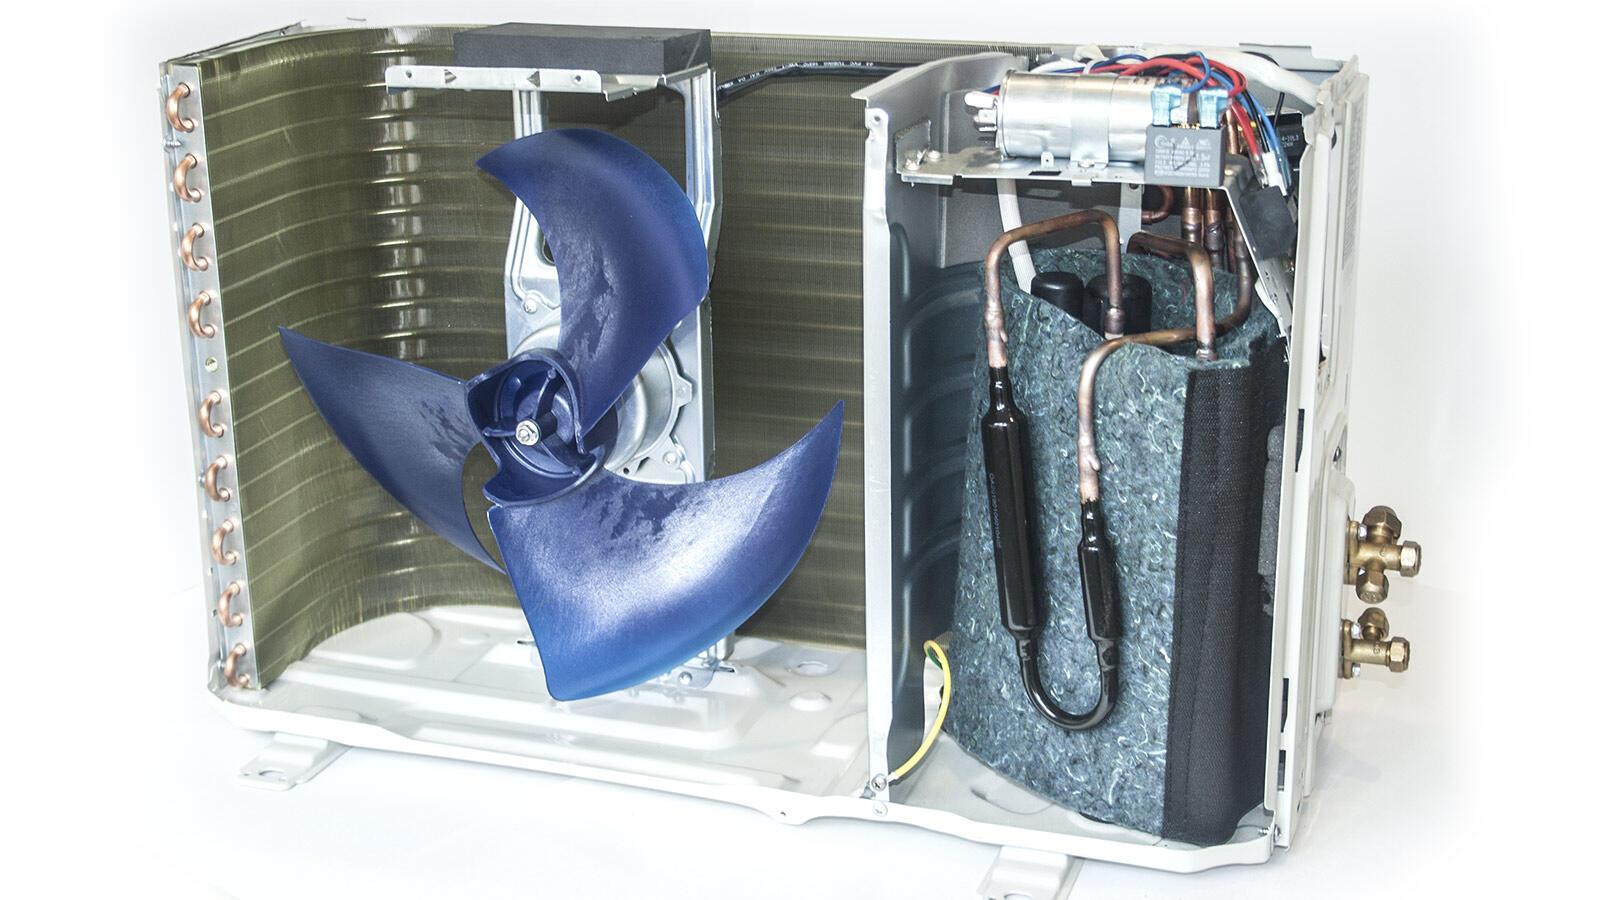 Bytovaya Tehnika - Obzor split-sistemy DEXP AC-R07OMA/W